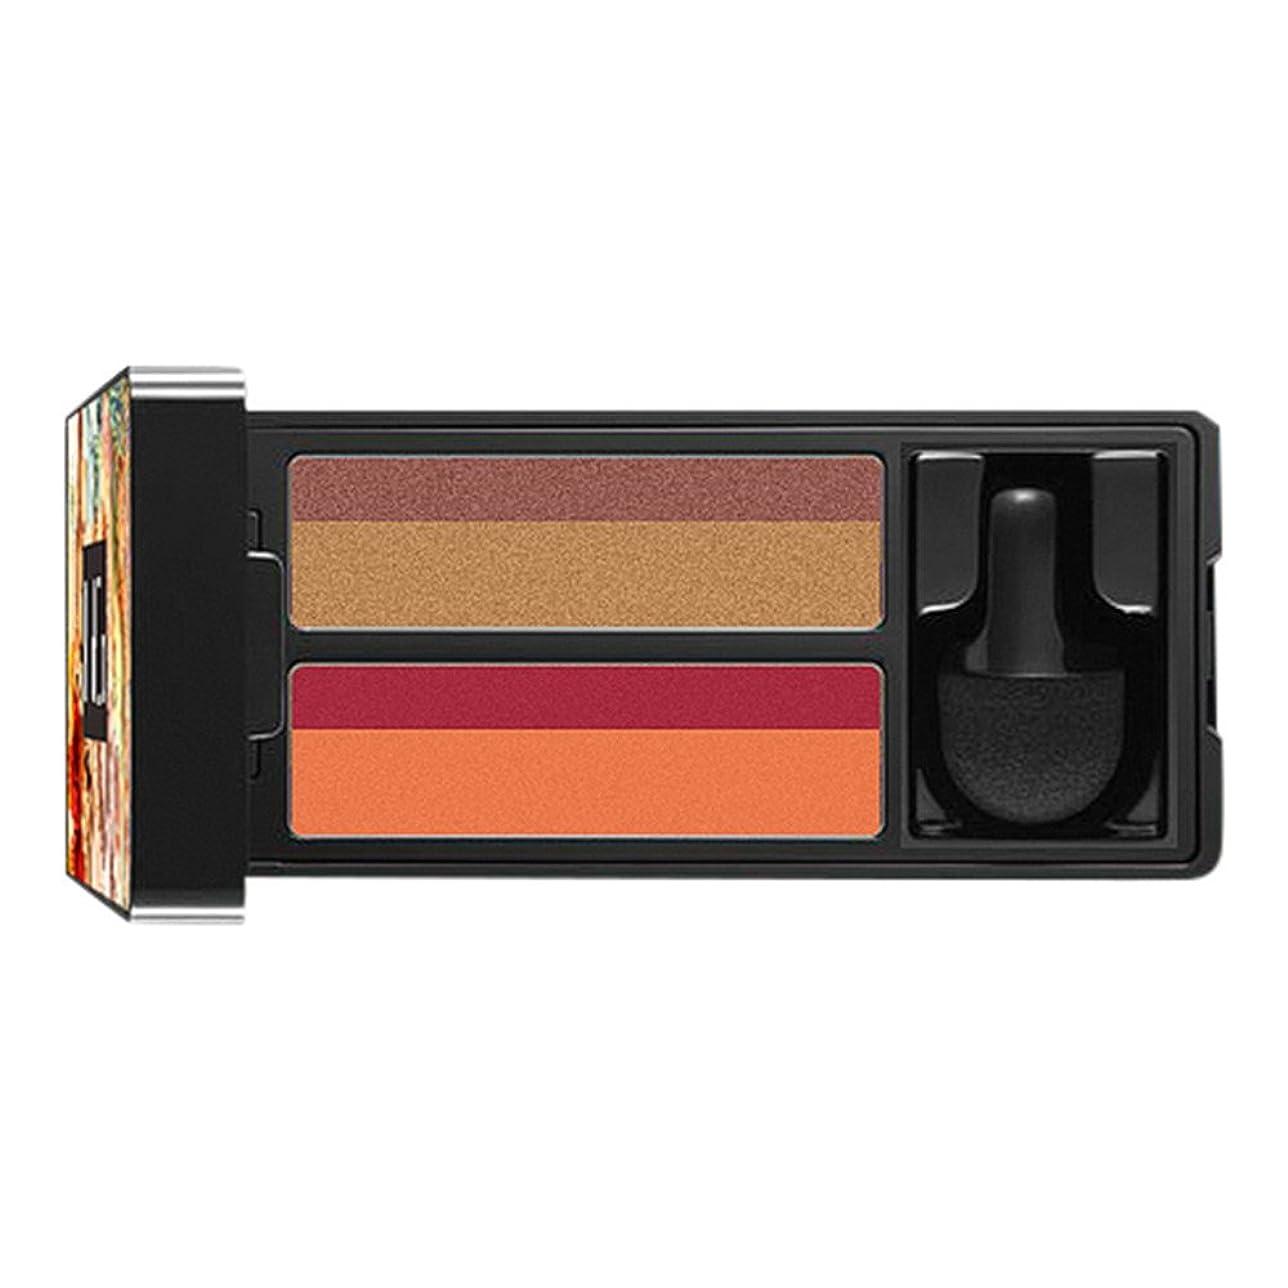 どうやら知覚するクスクスLazayyii 4色 アイシャドウパレット Eye Shadow グリッターアイシャドウ パール マットマット高発色 透明感 保湿成分 暖色系 アイシャドウ パレット (03#)